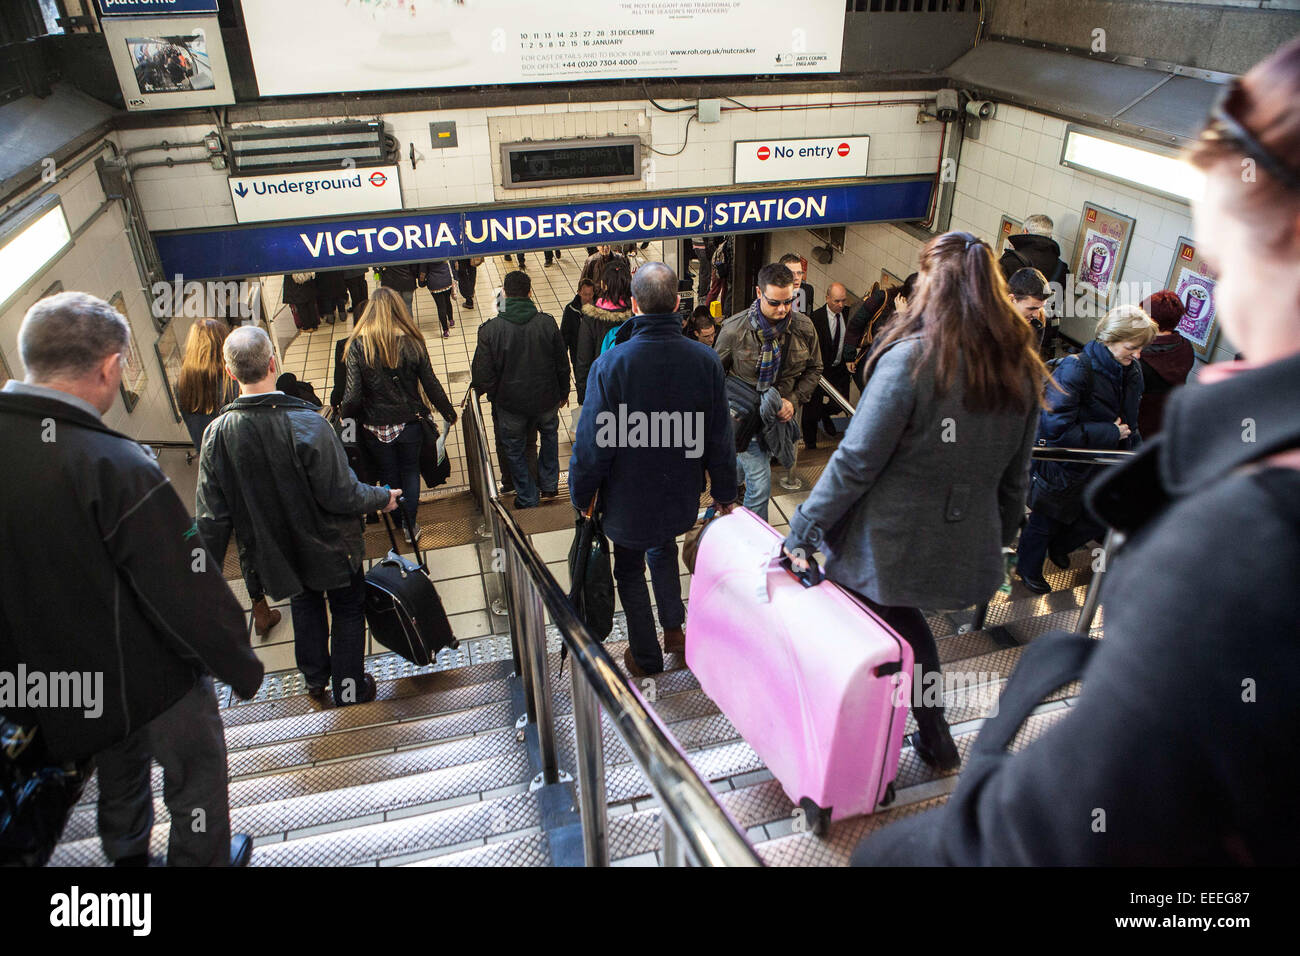 La estación de Victoria. Entrada a la estación Victoria de Metro desde la estación de tren Victoria Imagen De Stock